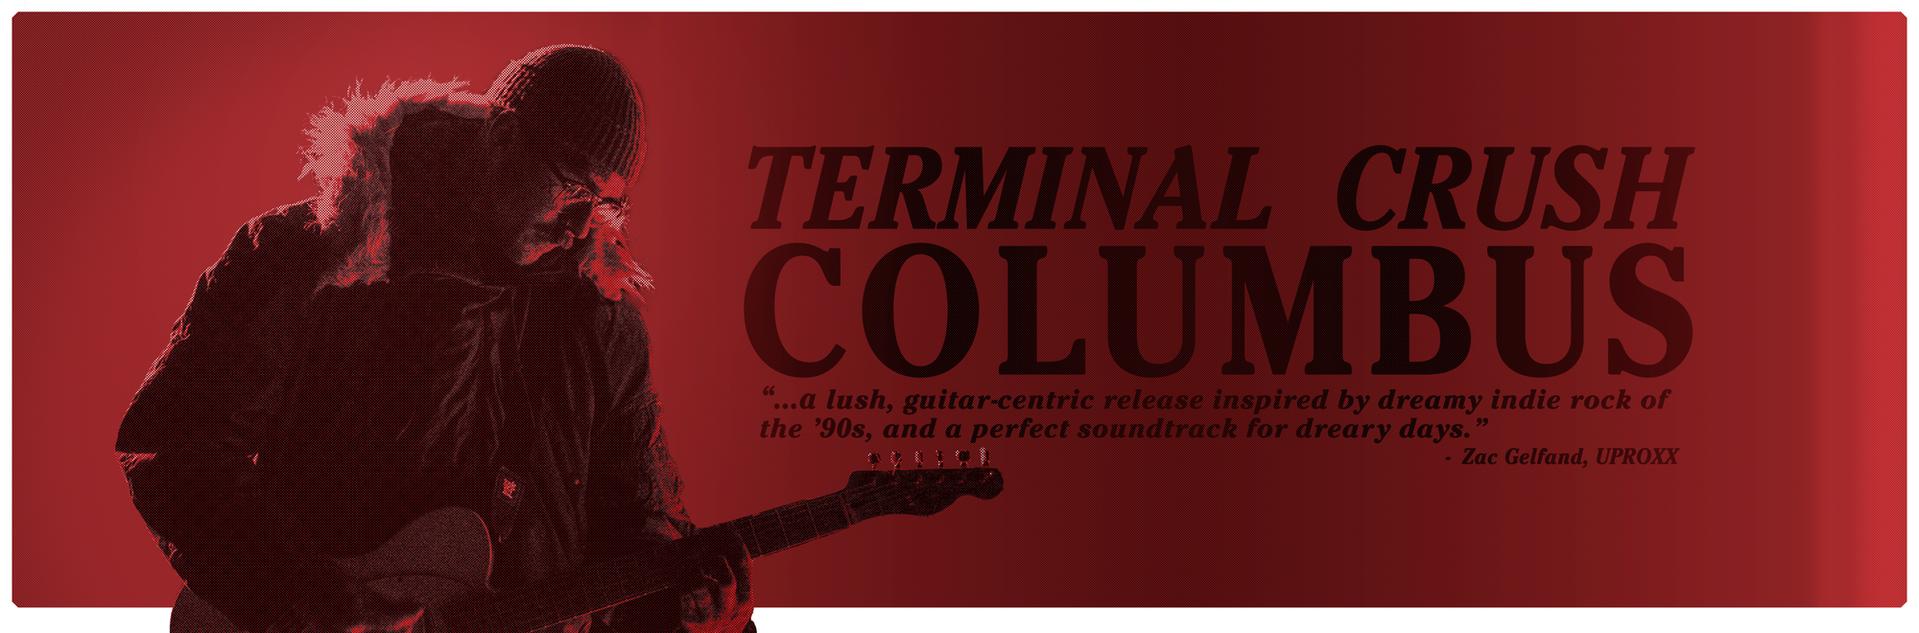 terminalcrush _columbus_desktop.png